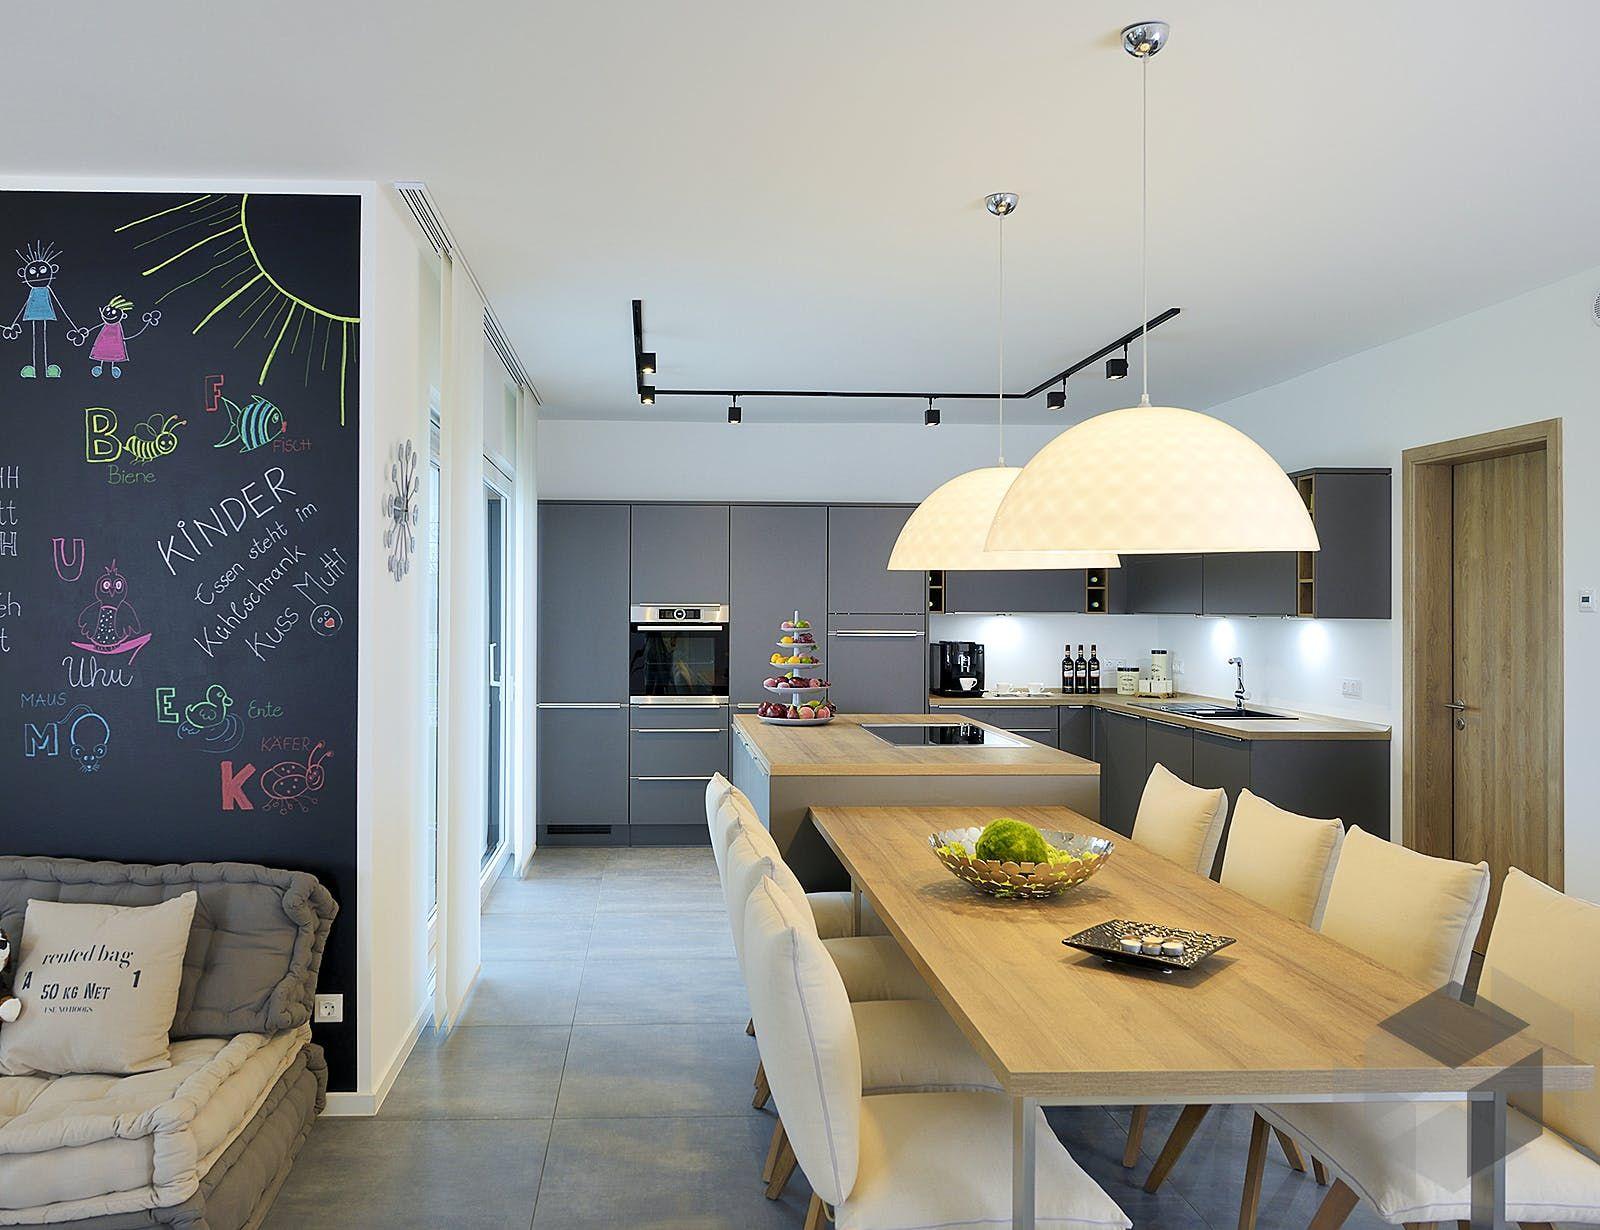 Großer Esstisch in offener Küche modern in 18  Kampa haus